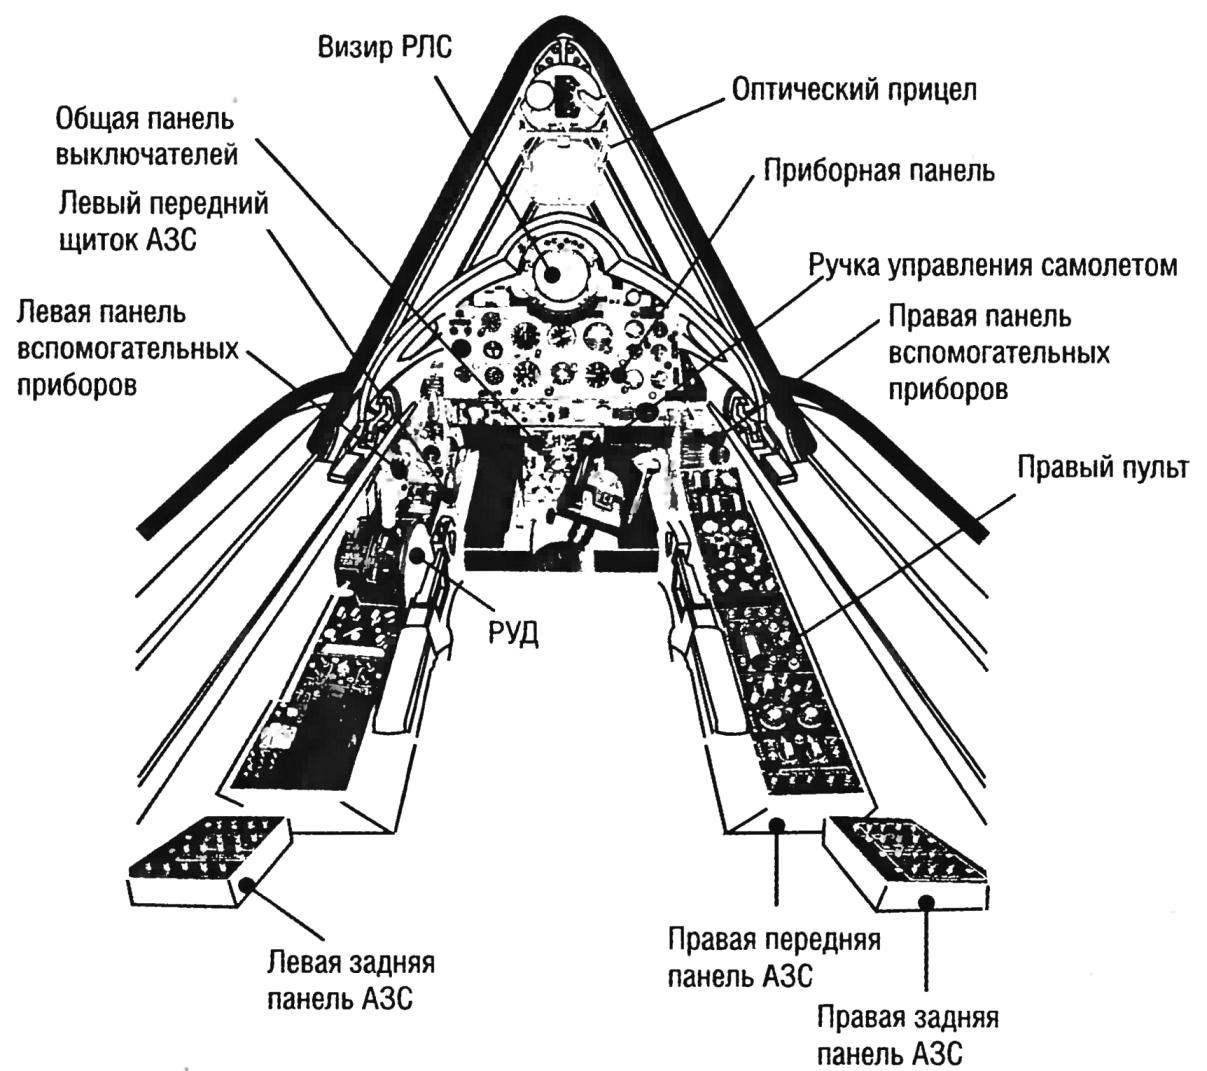 Размещение приборов и органов управления в кабине самолёта F-102A